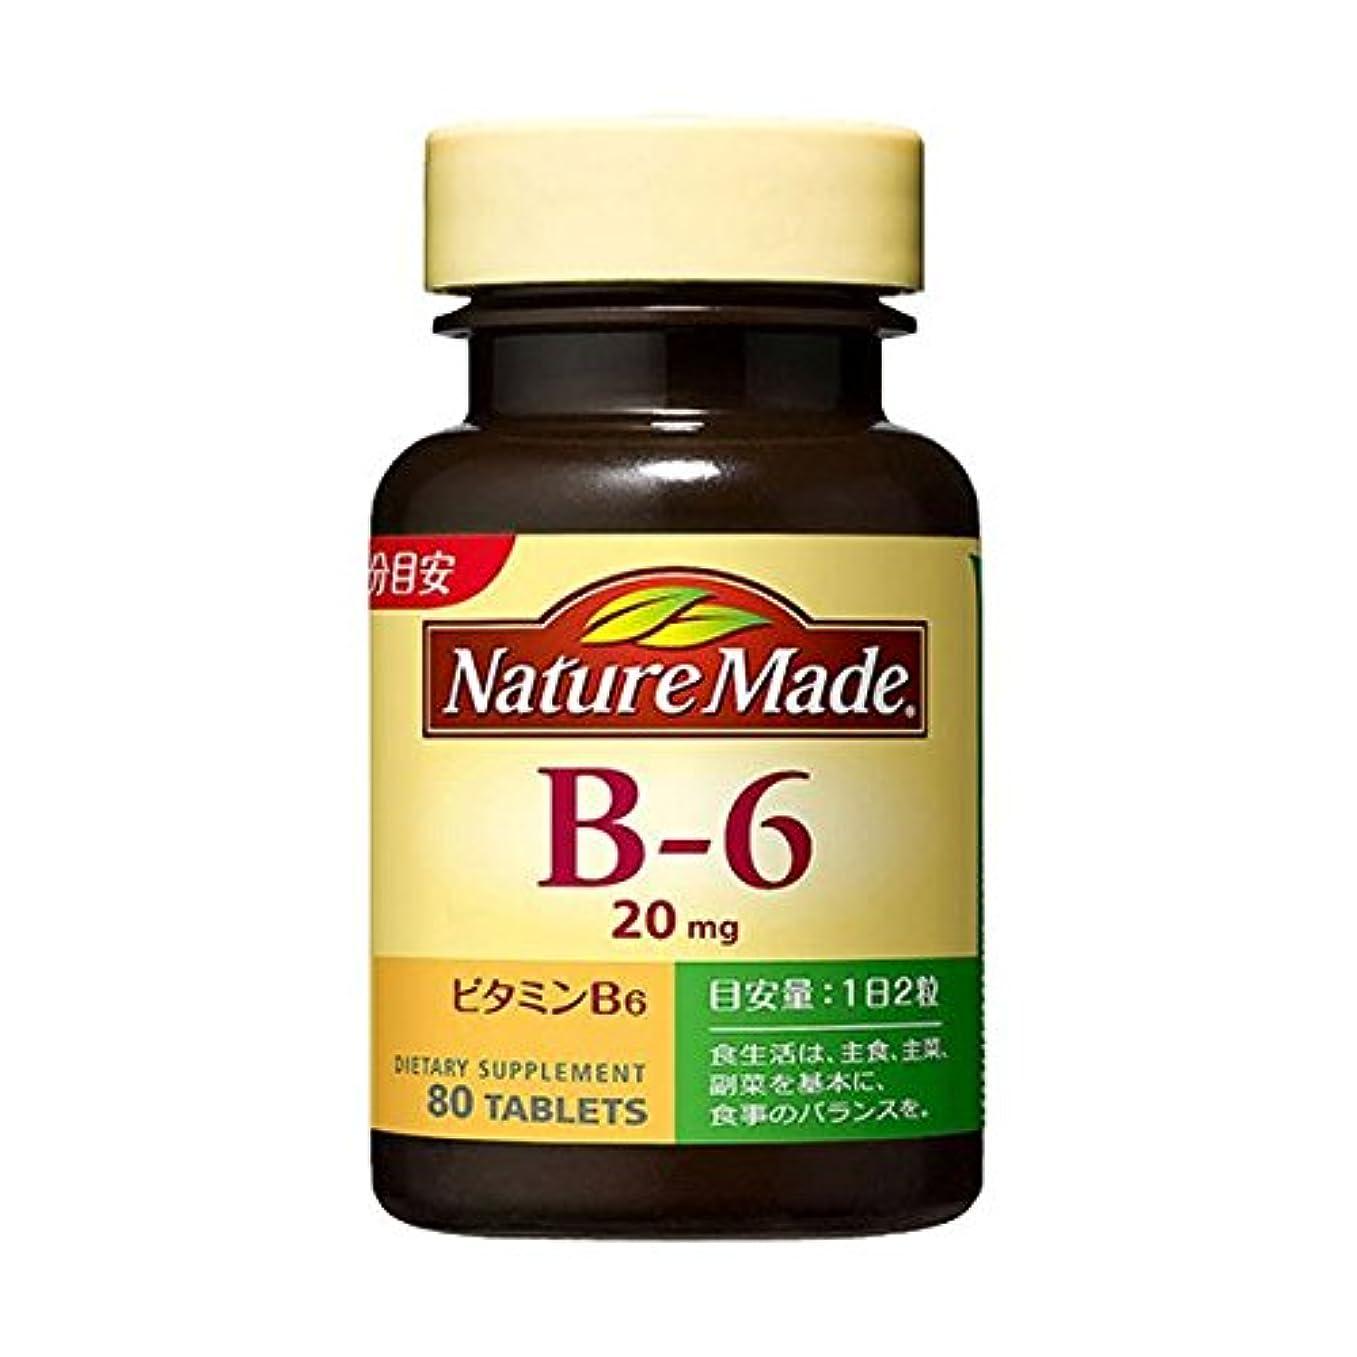 事前にうめき村大塚製薬 ネイチャーメイド ビタミンB6 80粒×3個入